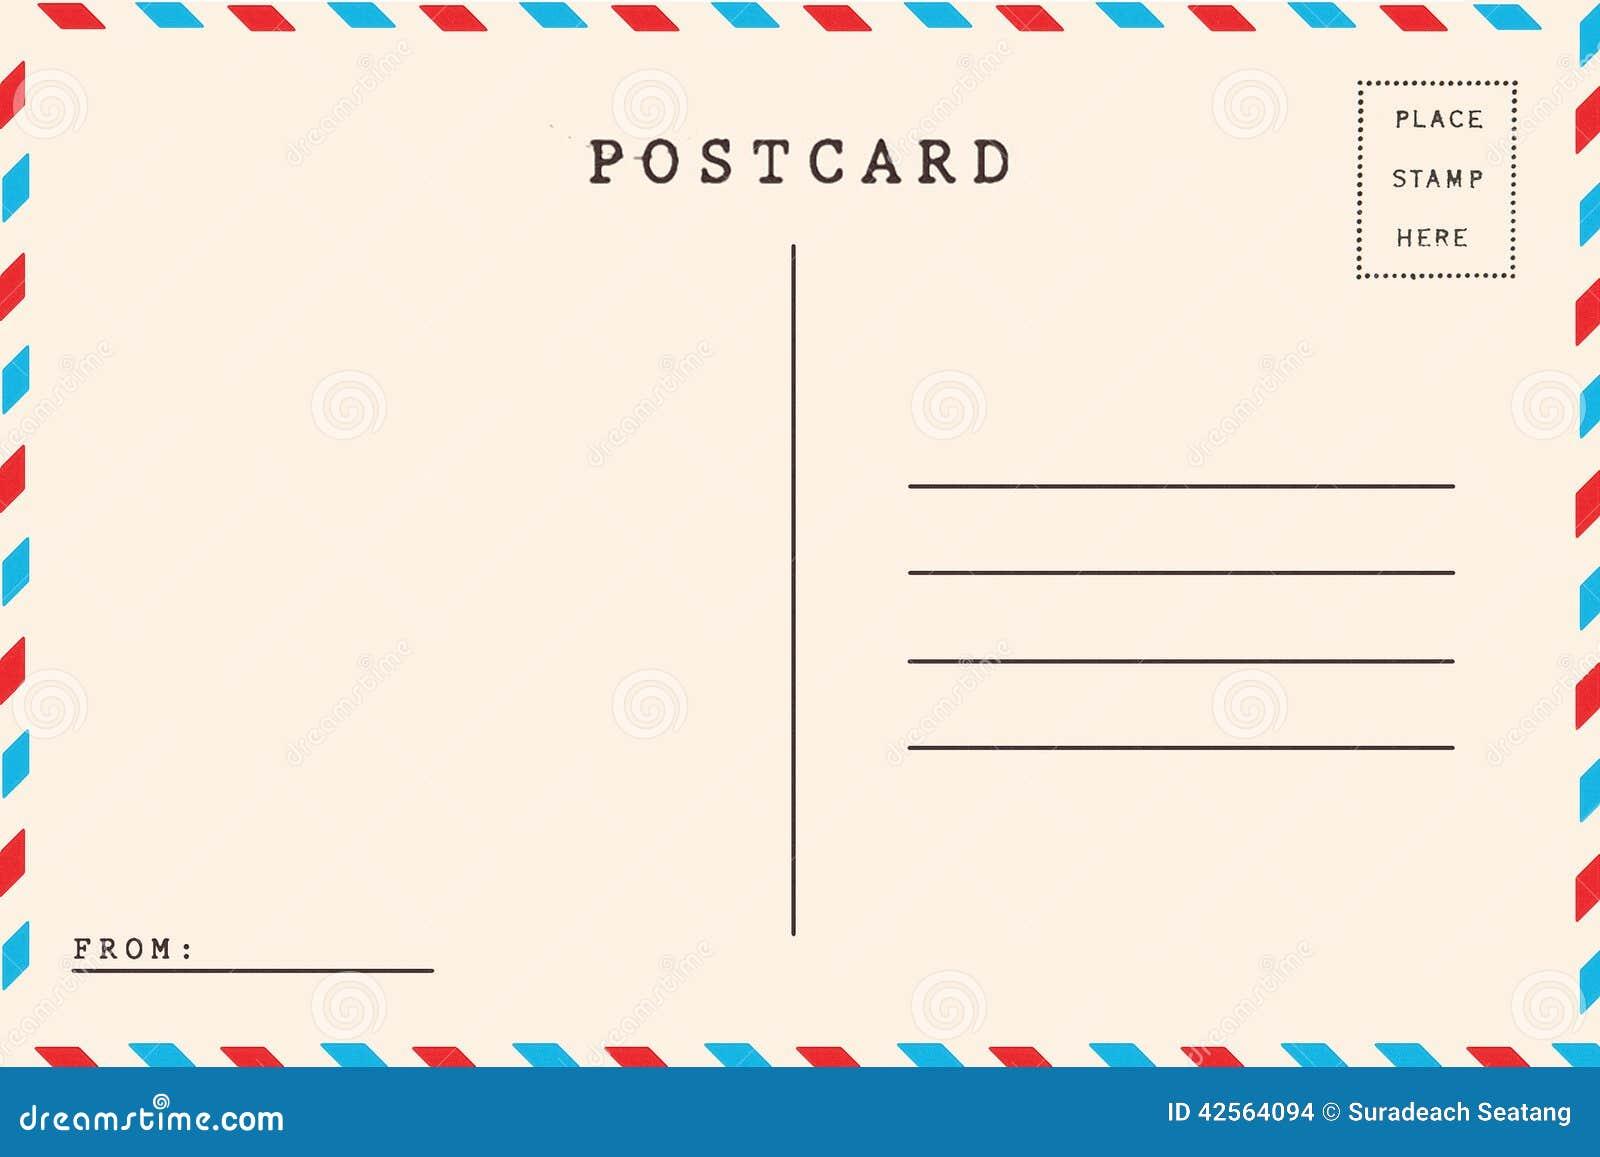 Indietro di posta aerea